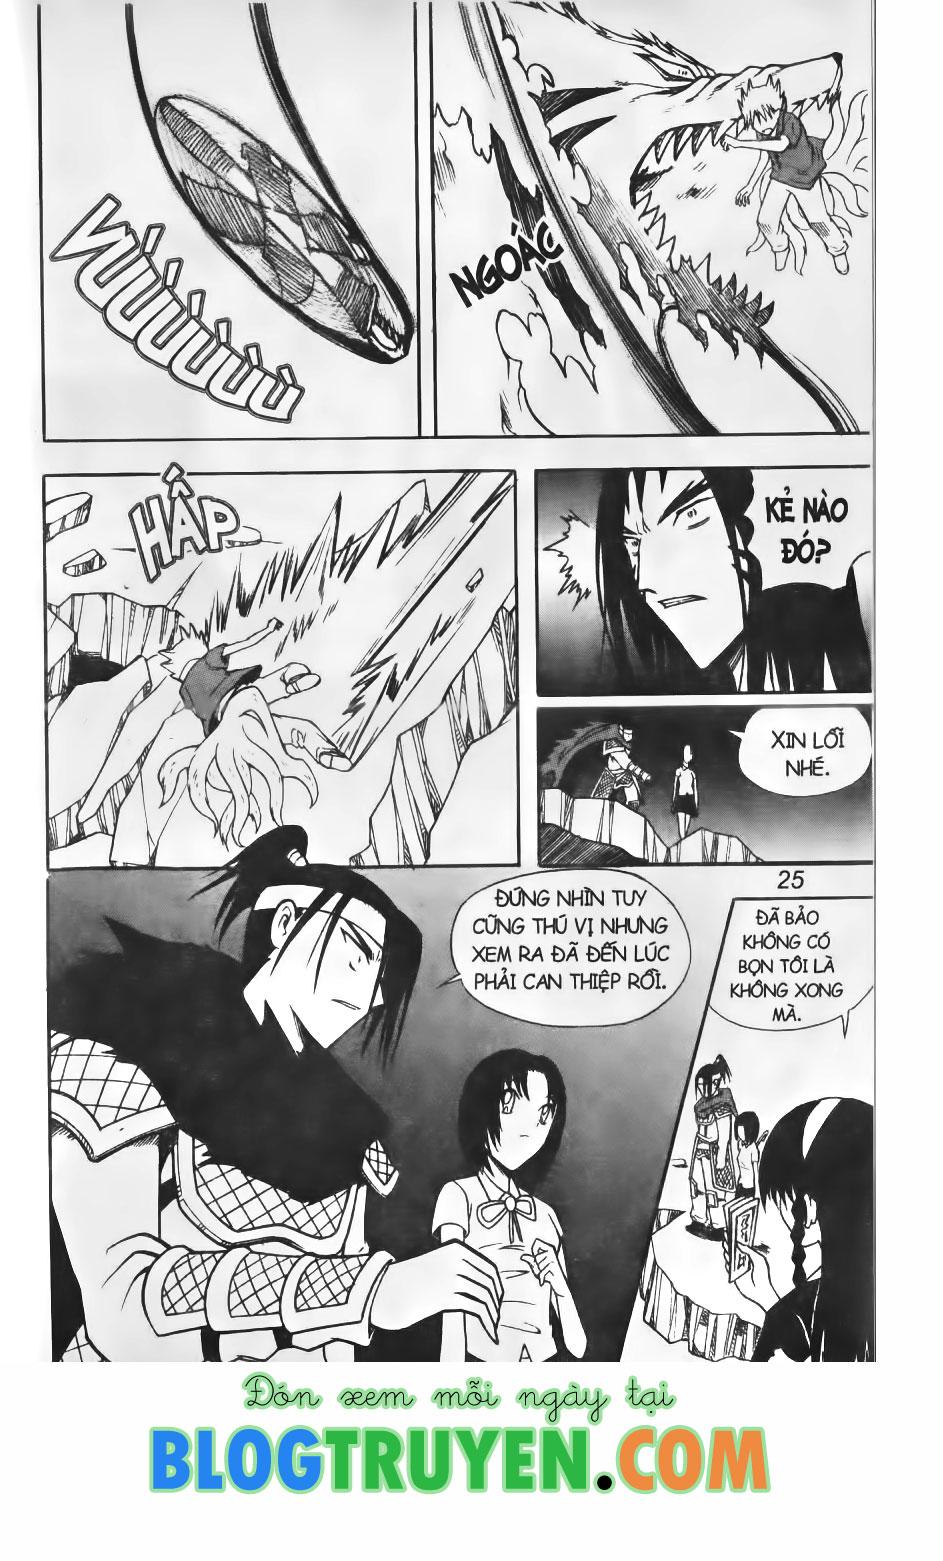 Hội pháp sư chap 76-a trang 25